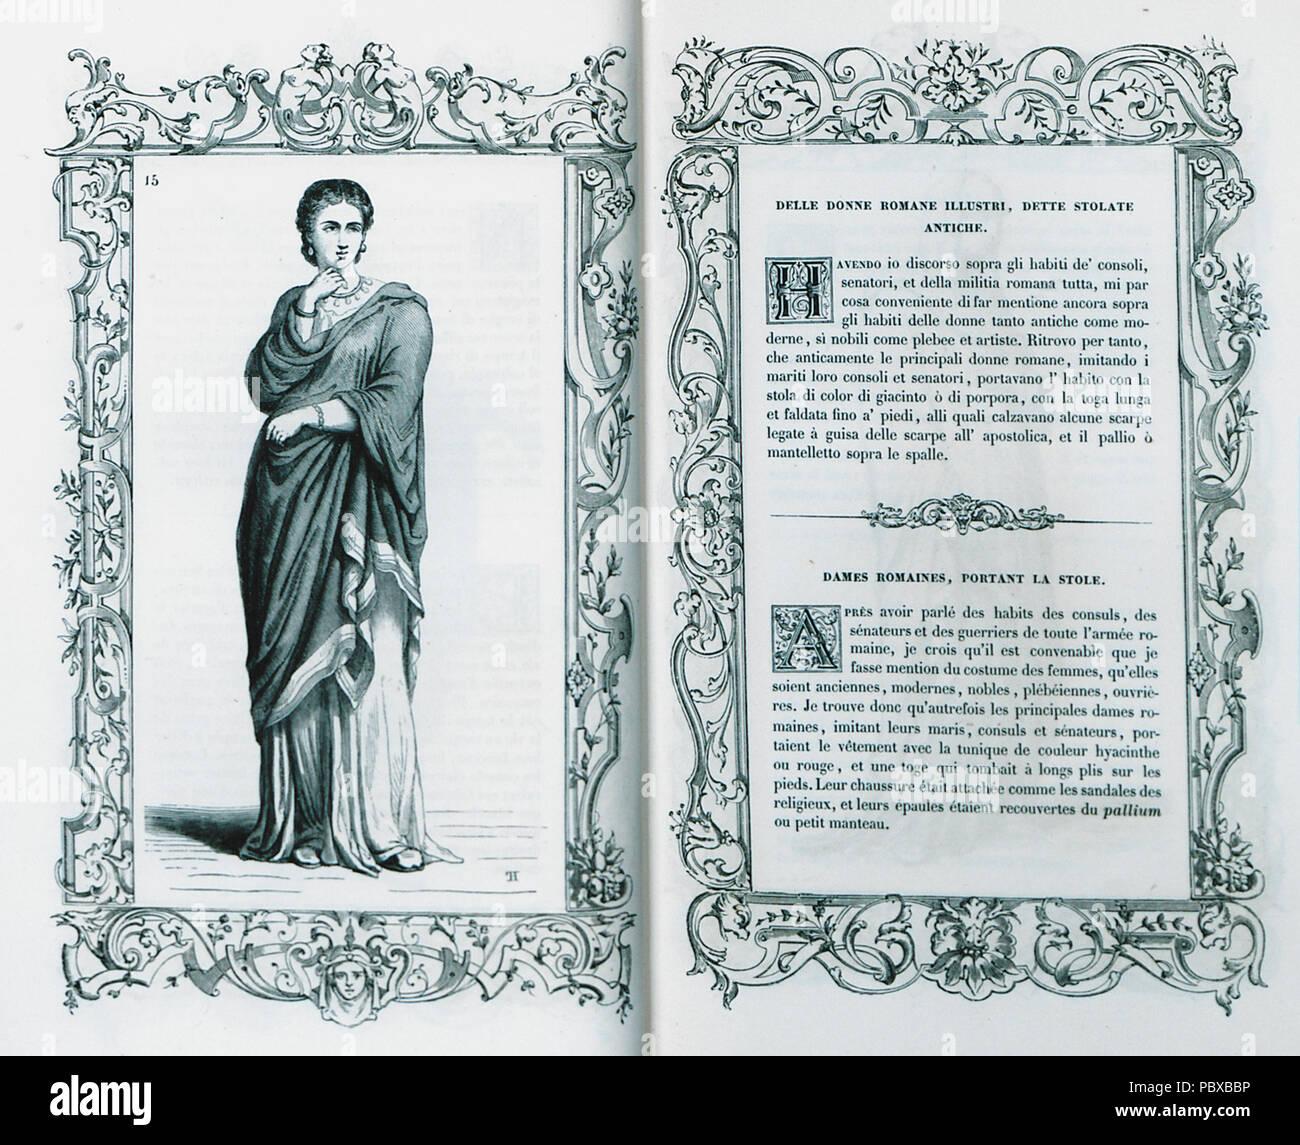 157 Delle donne romane illustri, stolate sådanne antiche - Cesare Vecellio - 1860 Photo Stock